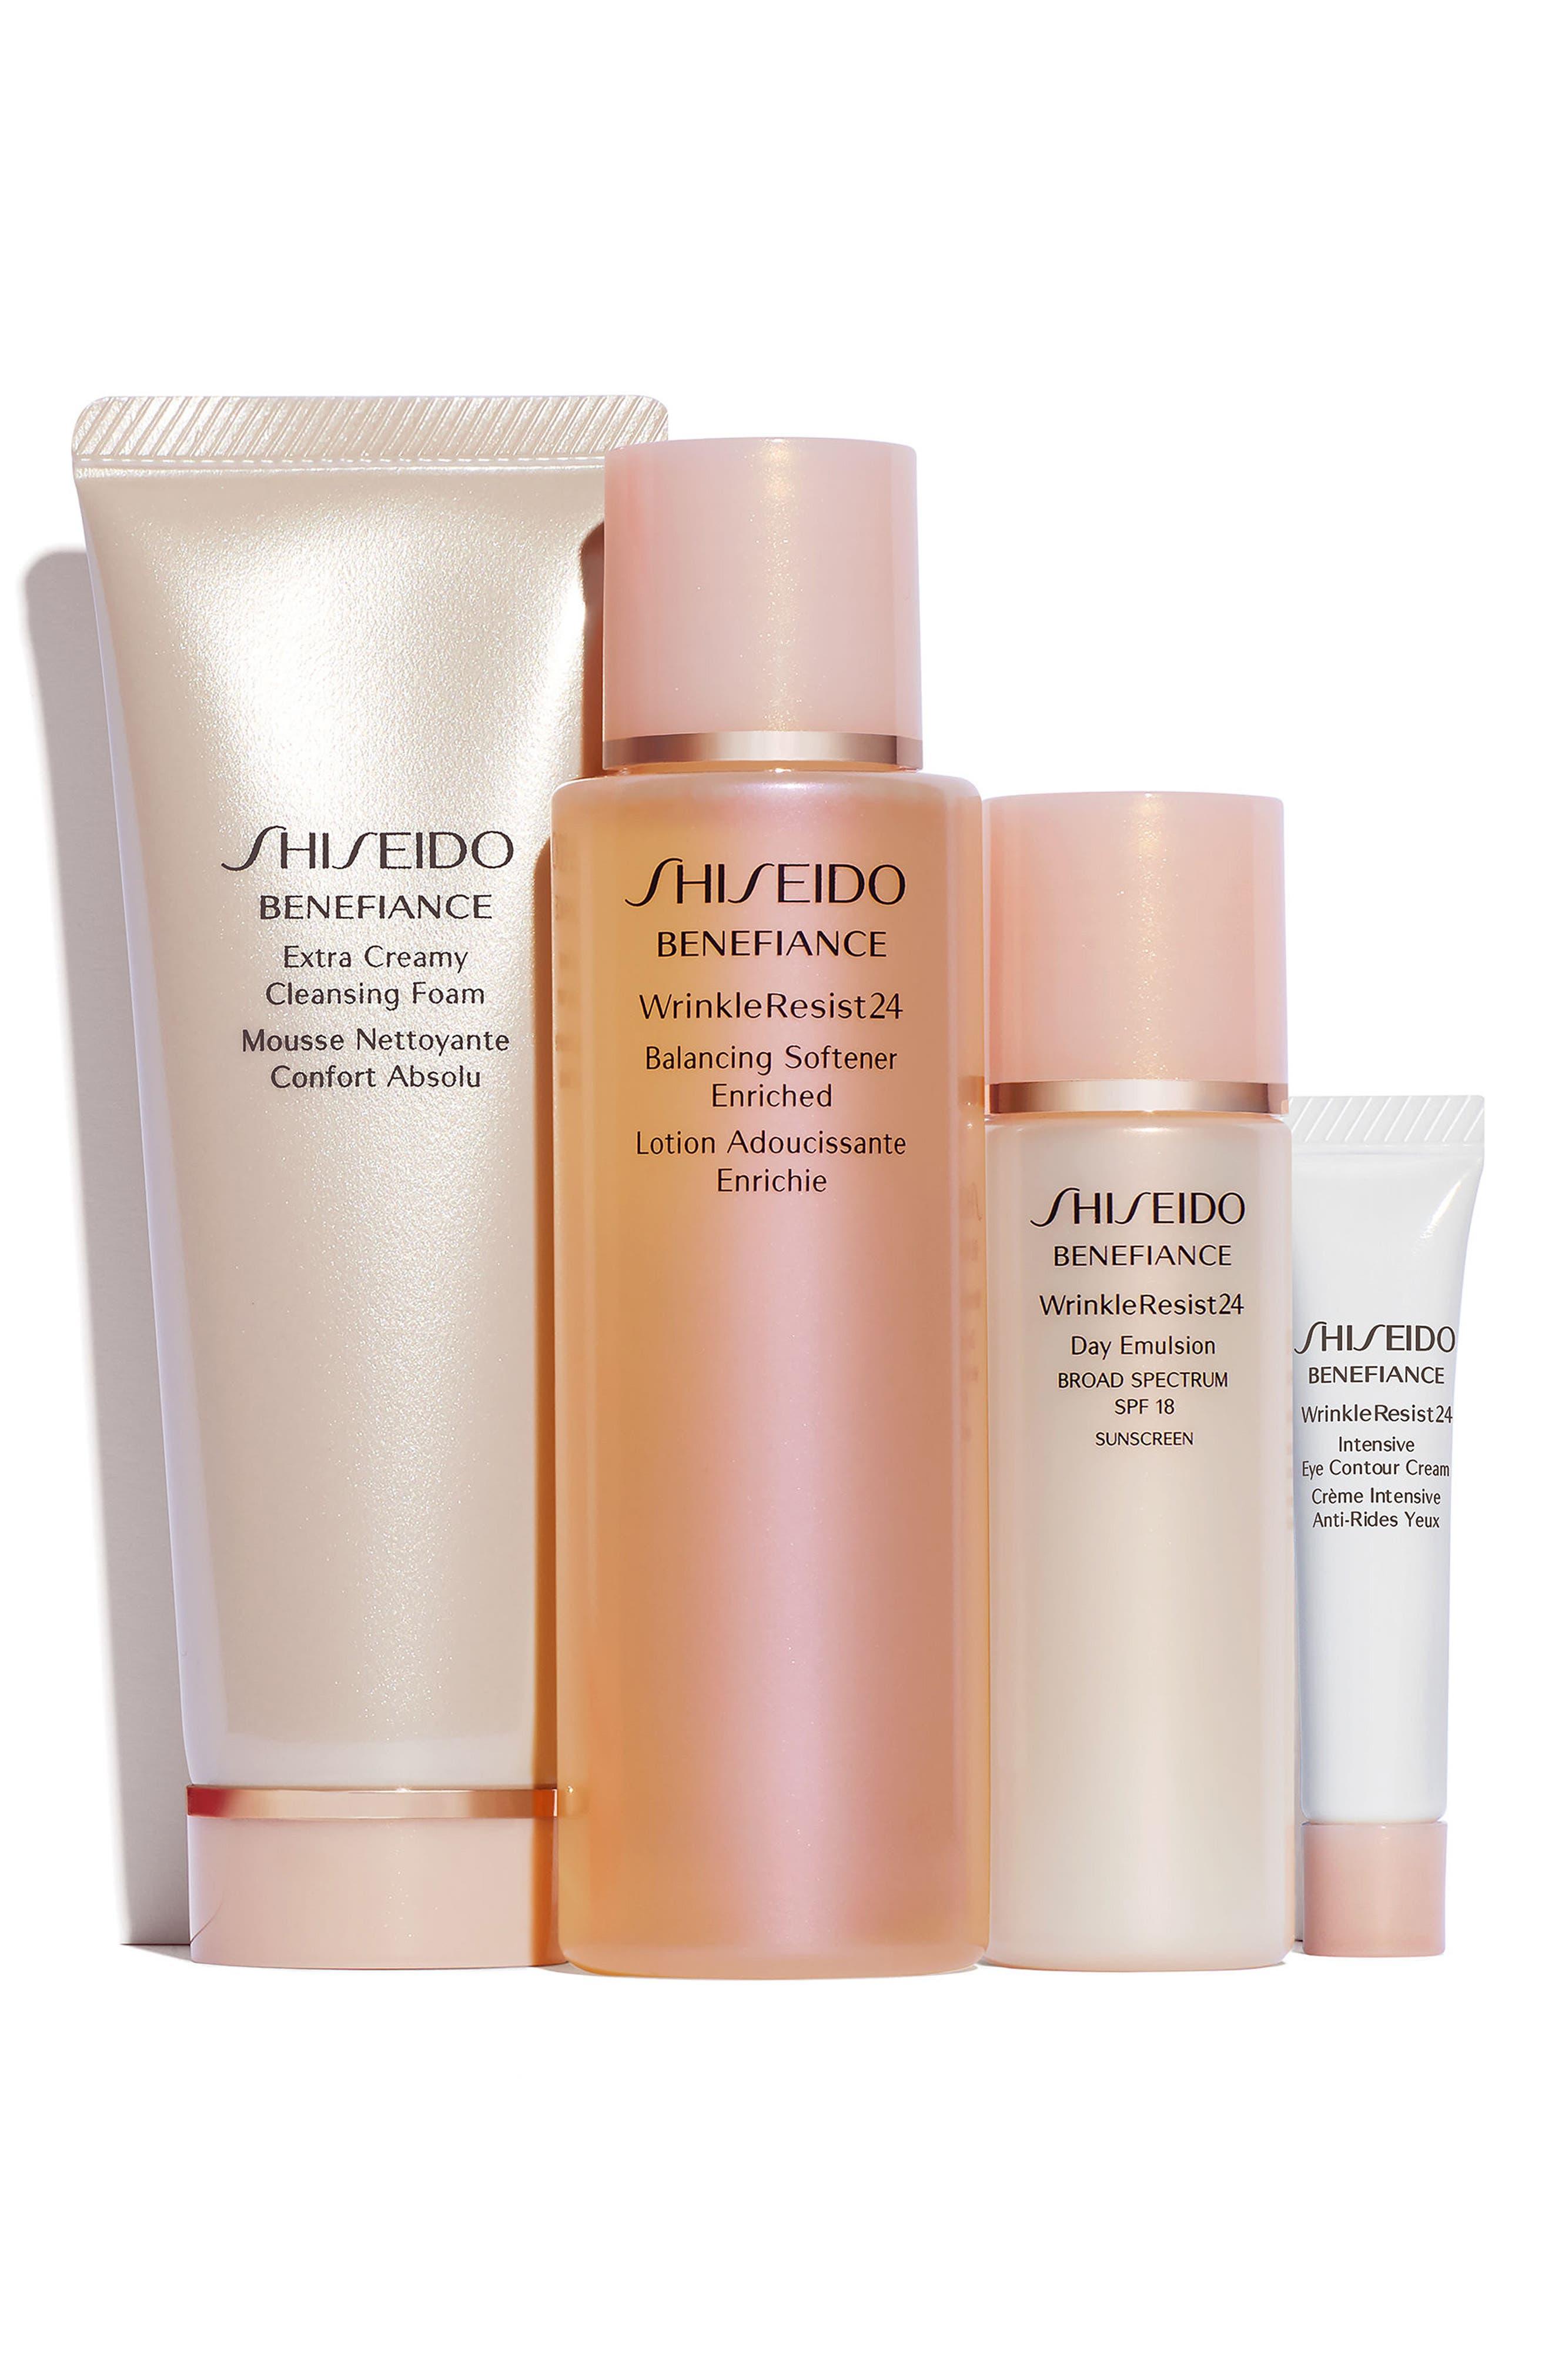 shiseido deal